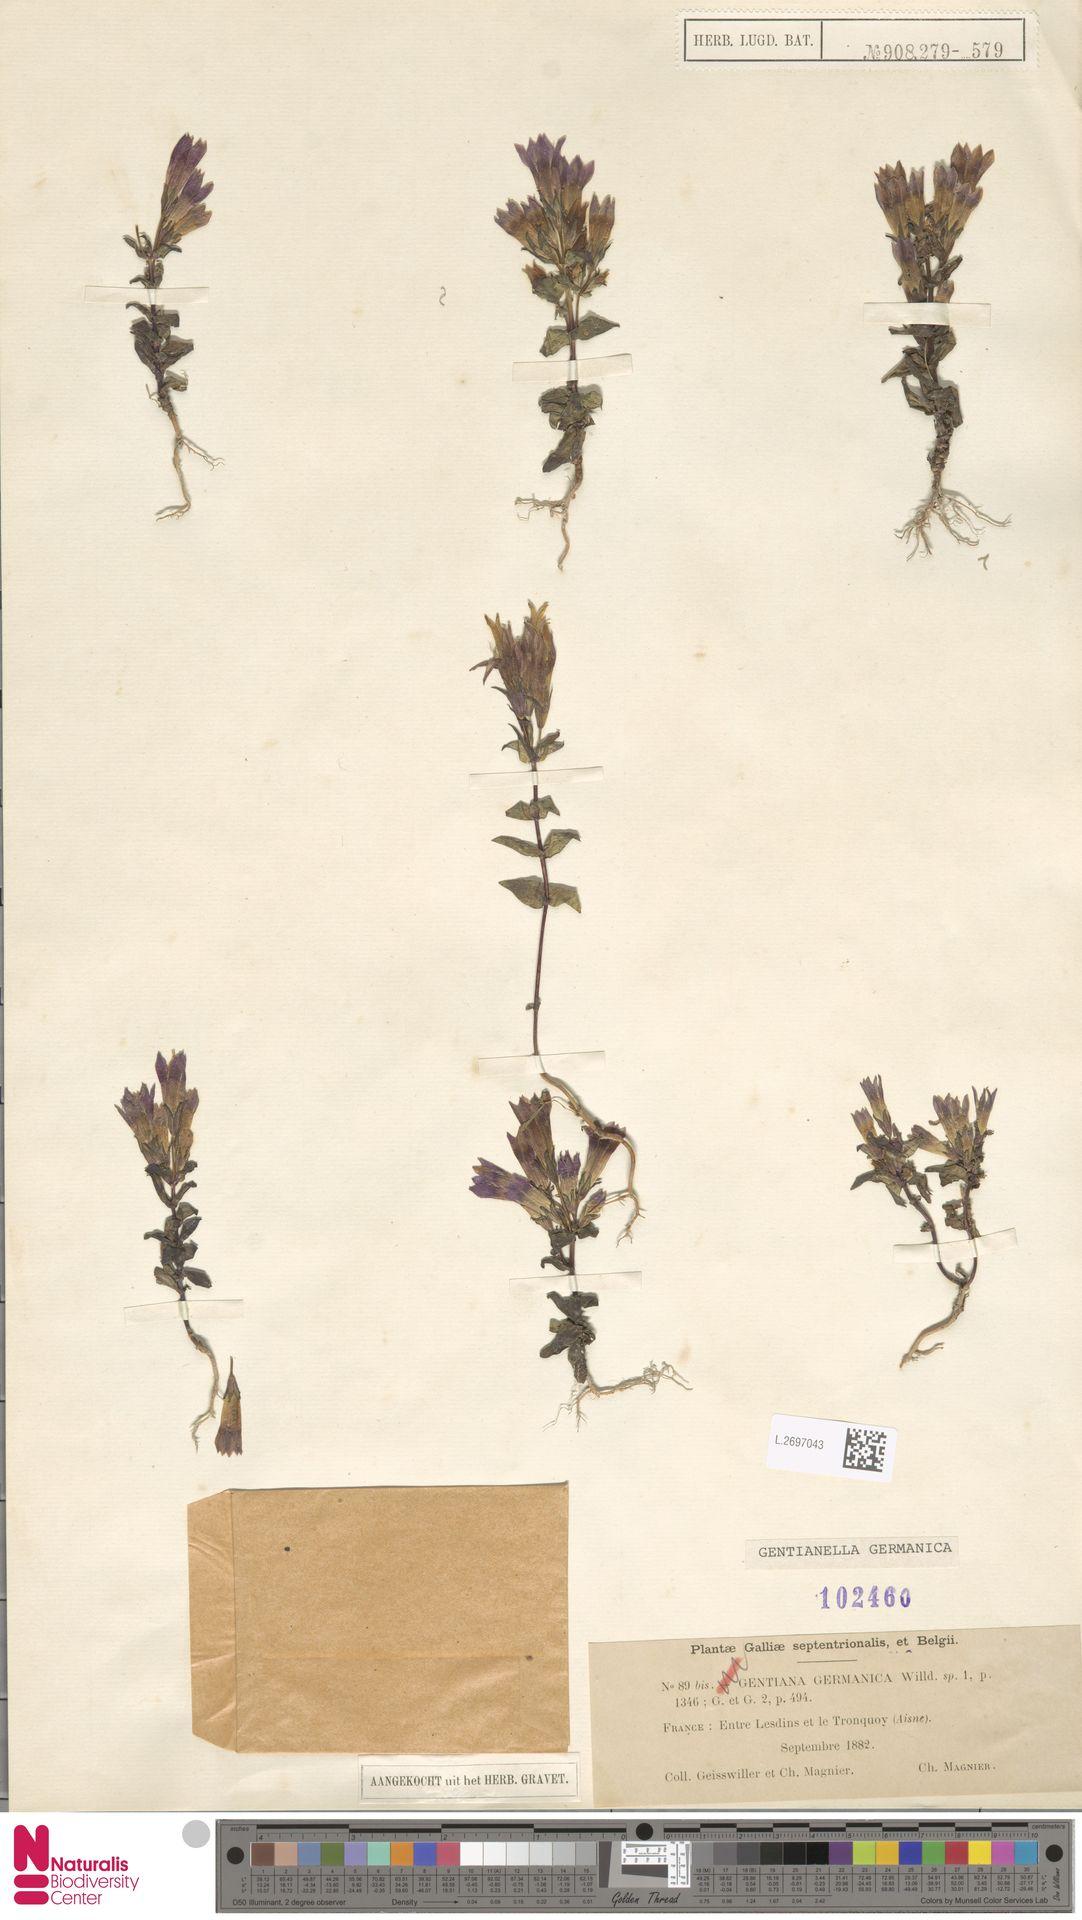 L.2697043 | Gentianella germanica (Willd.) E.F.Warb.